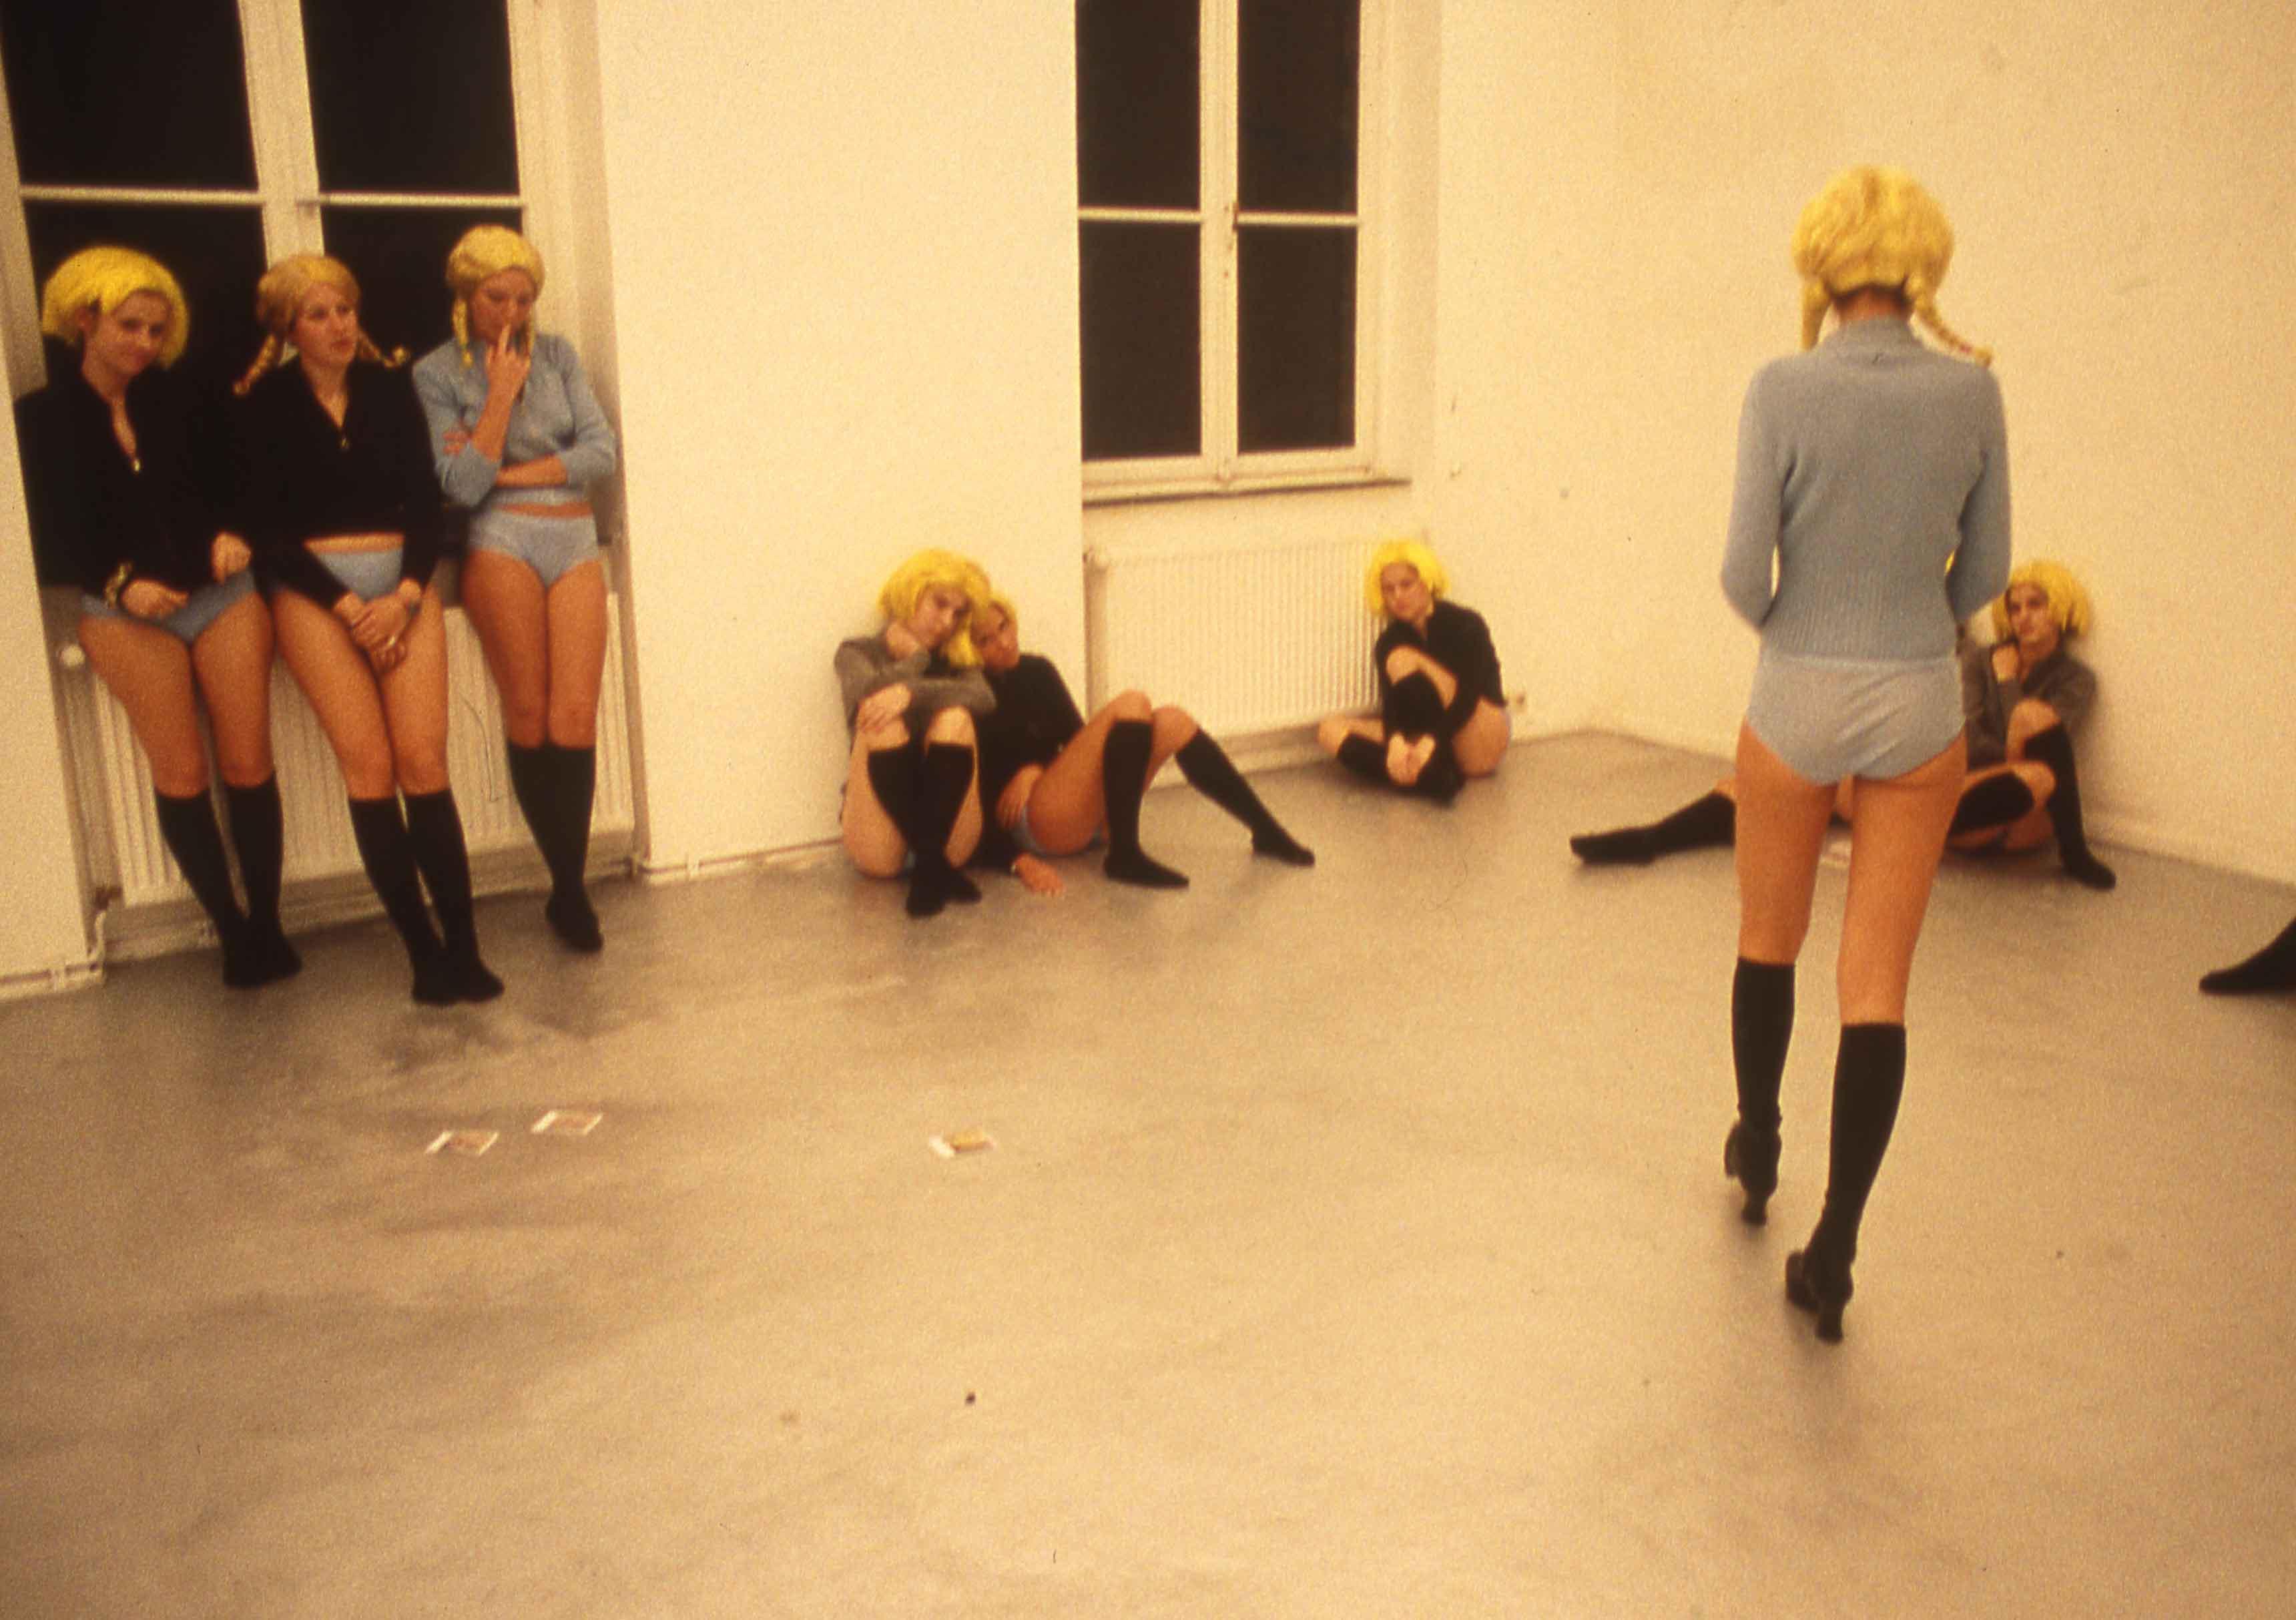 Vue de l'exposition VB09 Ein Blonder Traum de Vanessa Beecroft, 11 novembre 1994, à la galerie Schipper & Krome de Cologne.